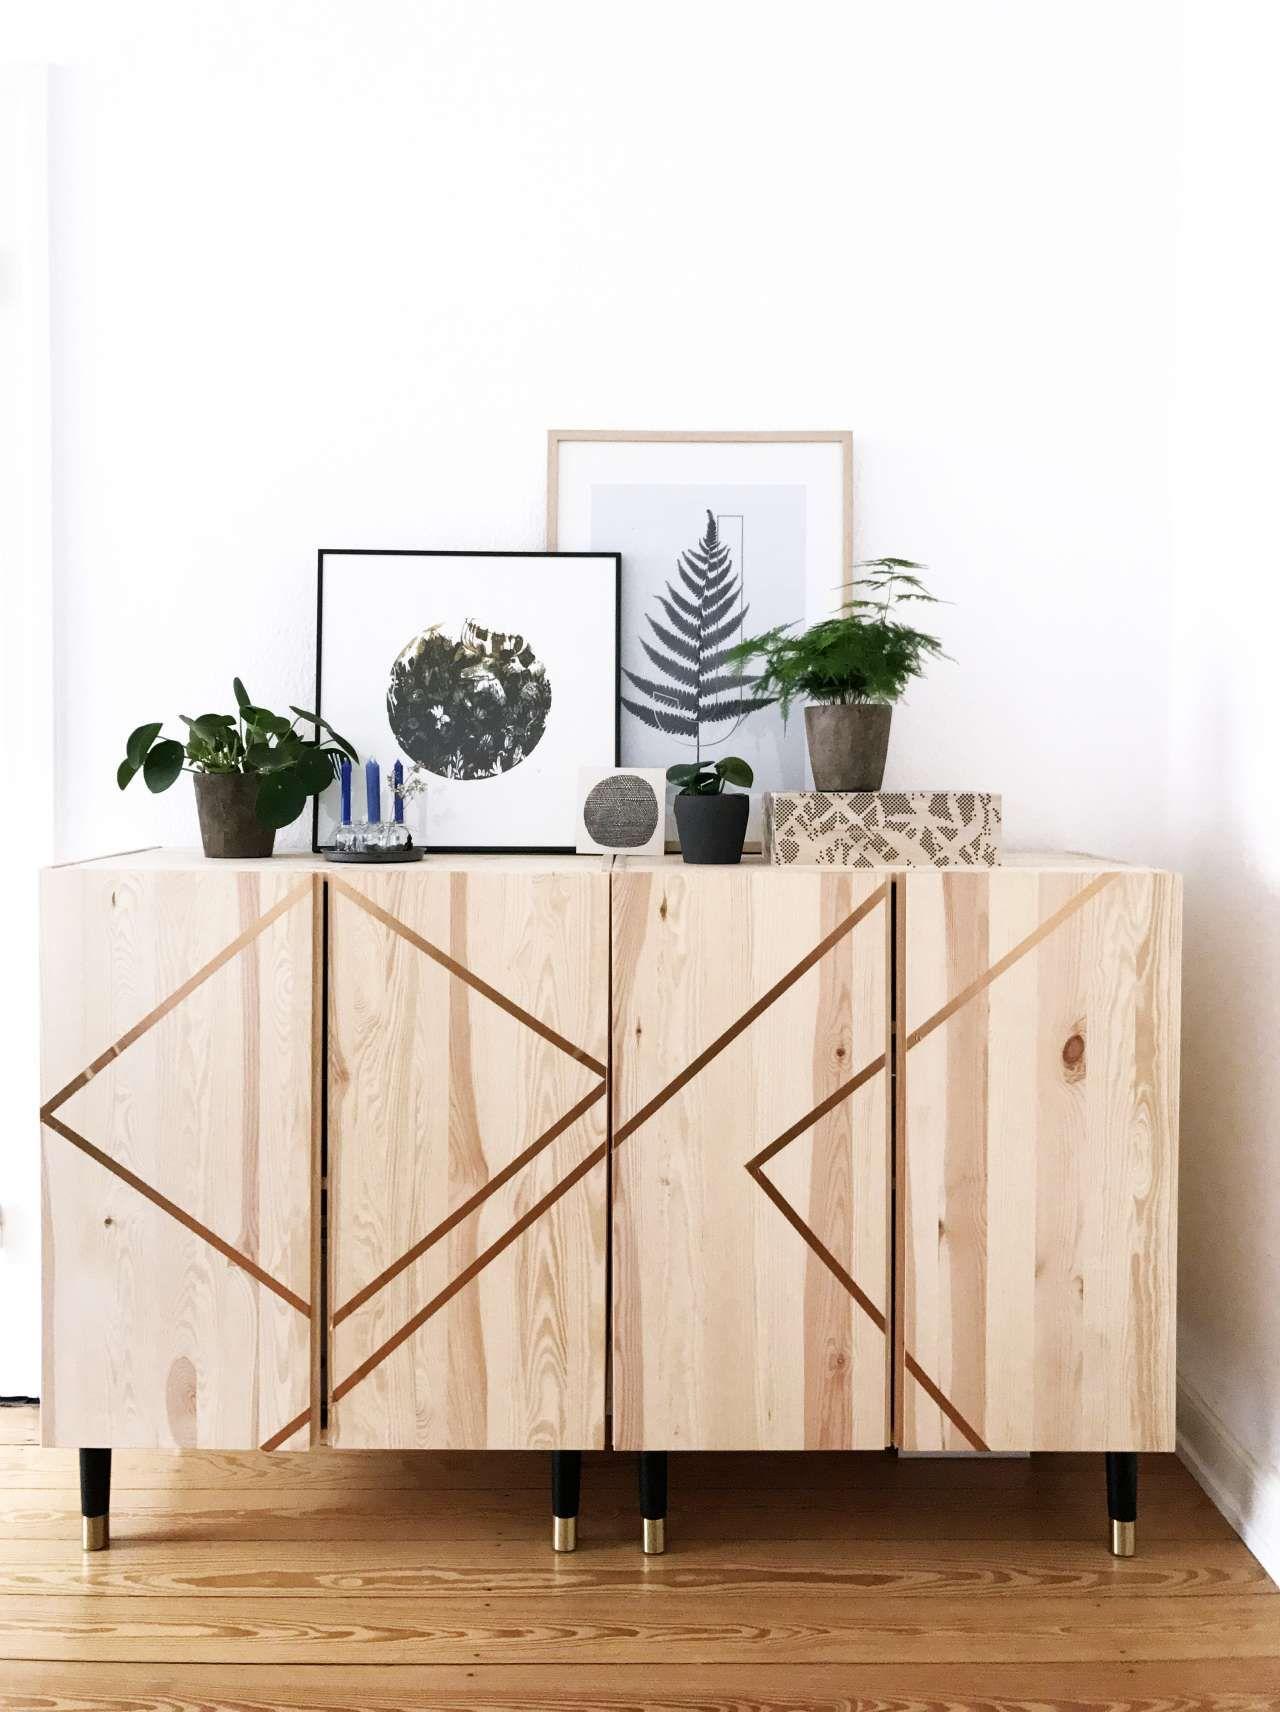 Wohnen Mit Pflanzen | Grünes Wohnzimmer | Einrichten | Scandi | Green  Living | Modern Wohnen | Pflanzen | Greenery | Ikea Ivar Hack | Prettypegs  | Urban ...